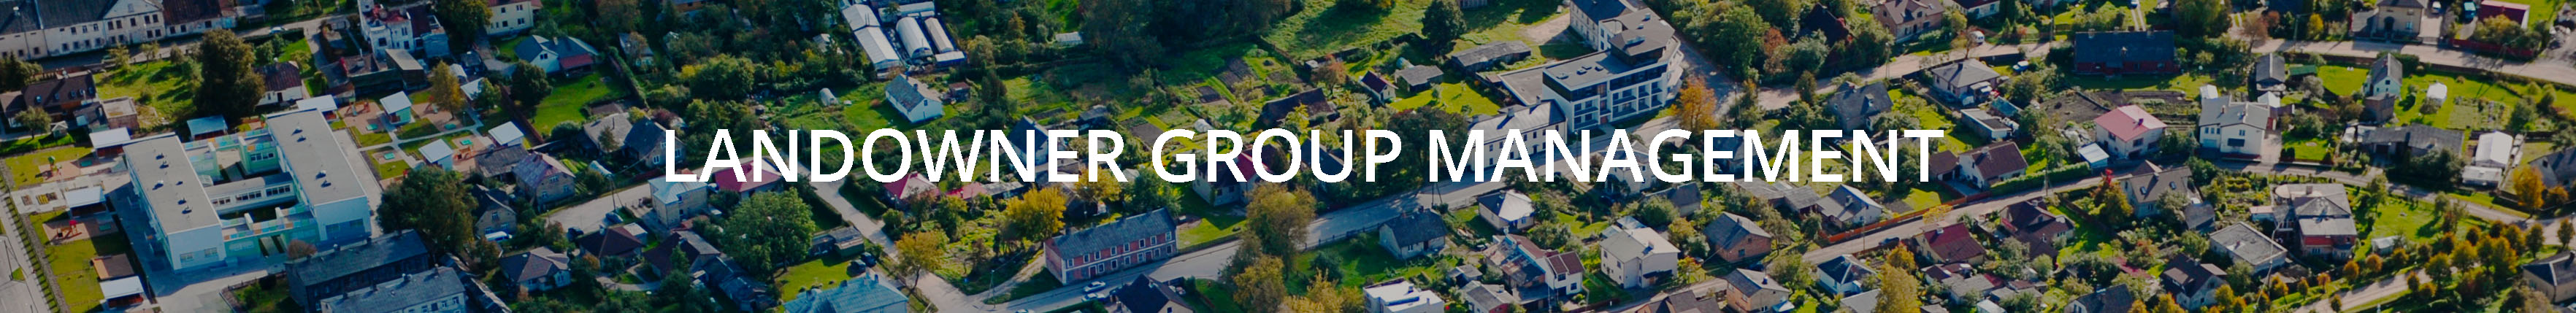 landowner group management